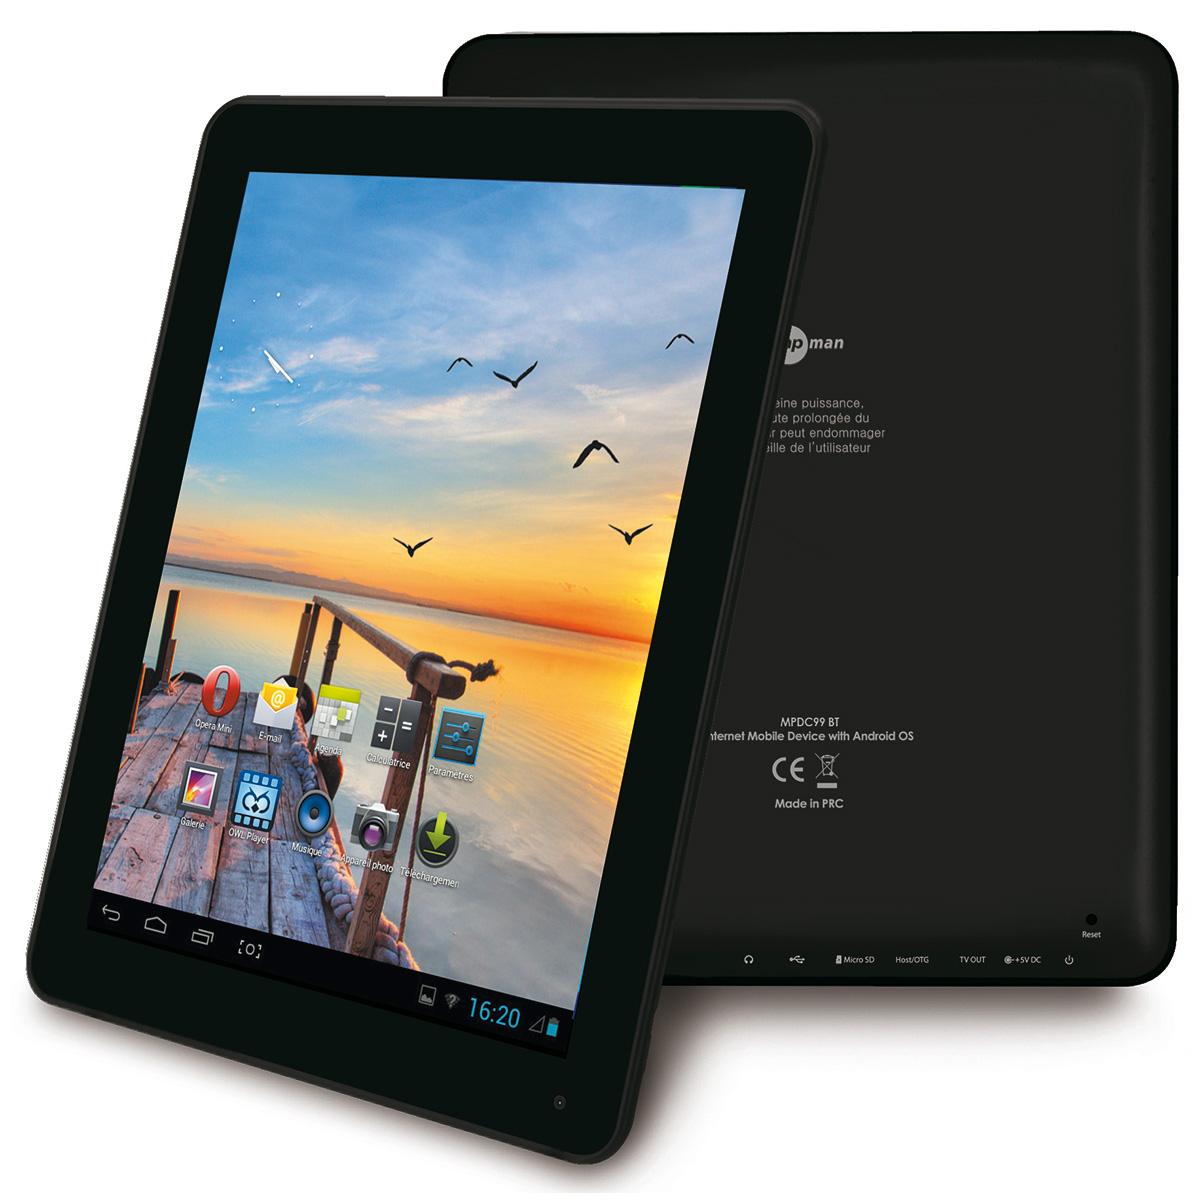 MPMAN MPDC97 BT 4 Go - Tablette tactile Mp Man sur LDLC.com